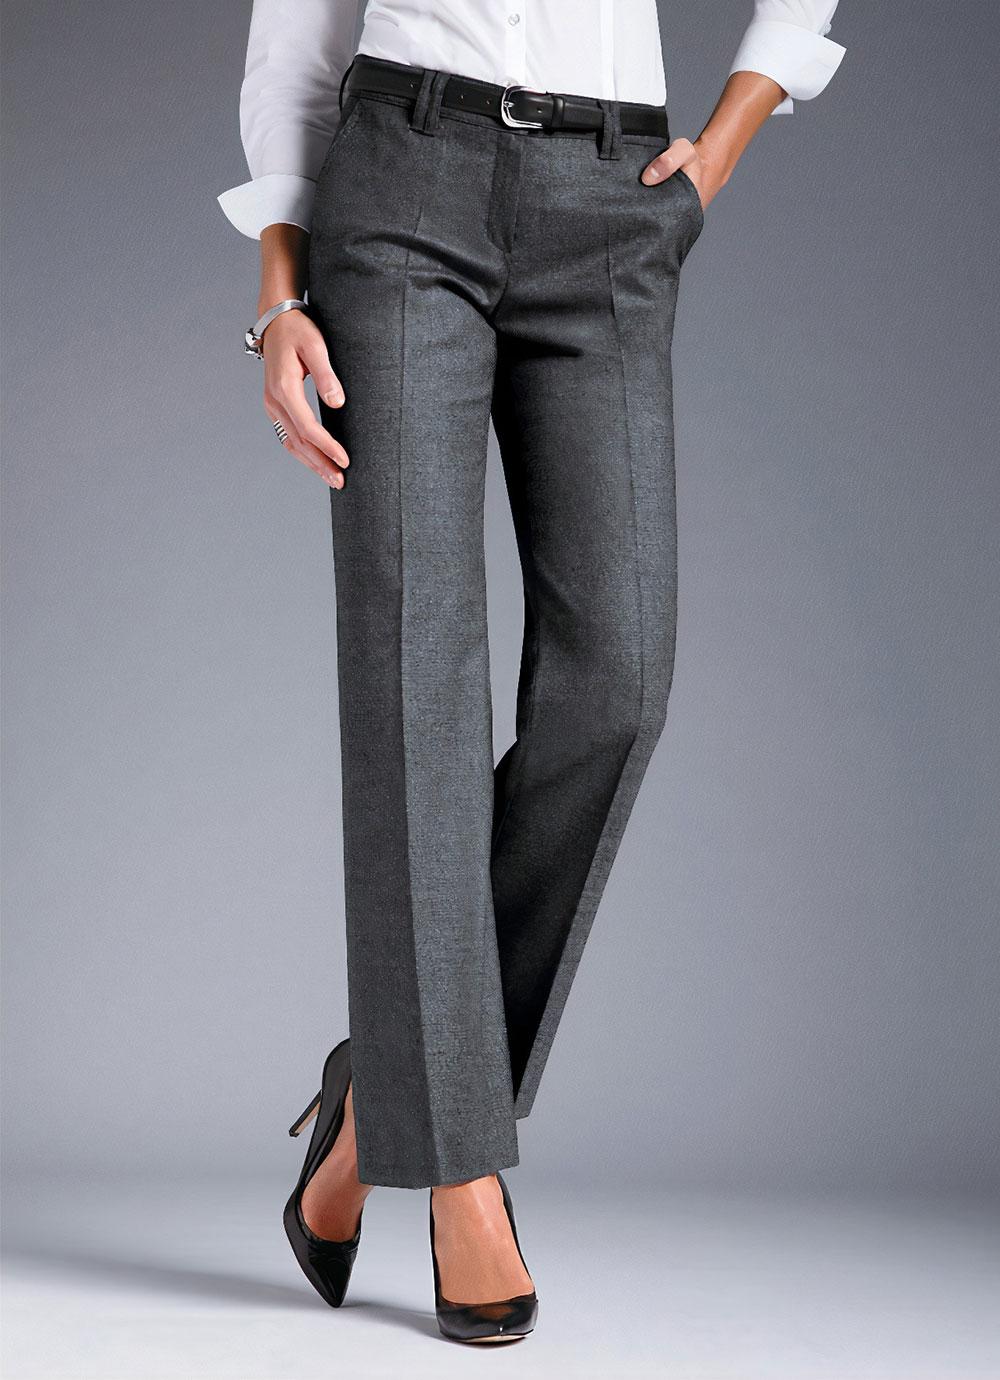 Пошив женских брюк